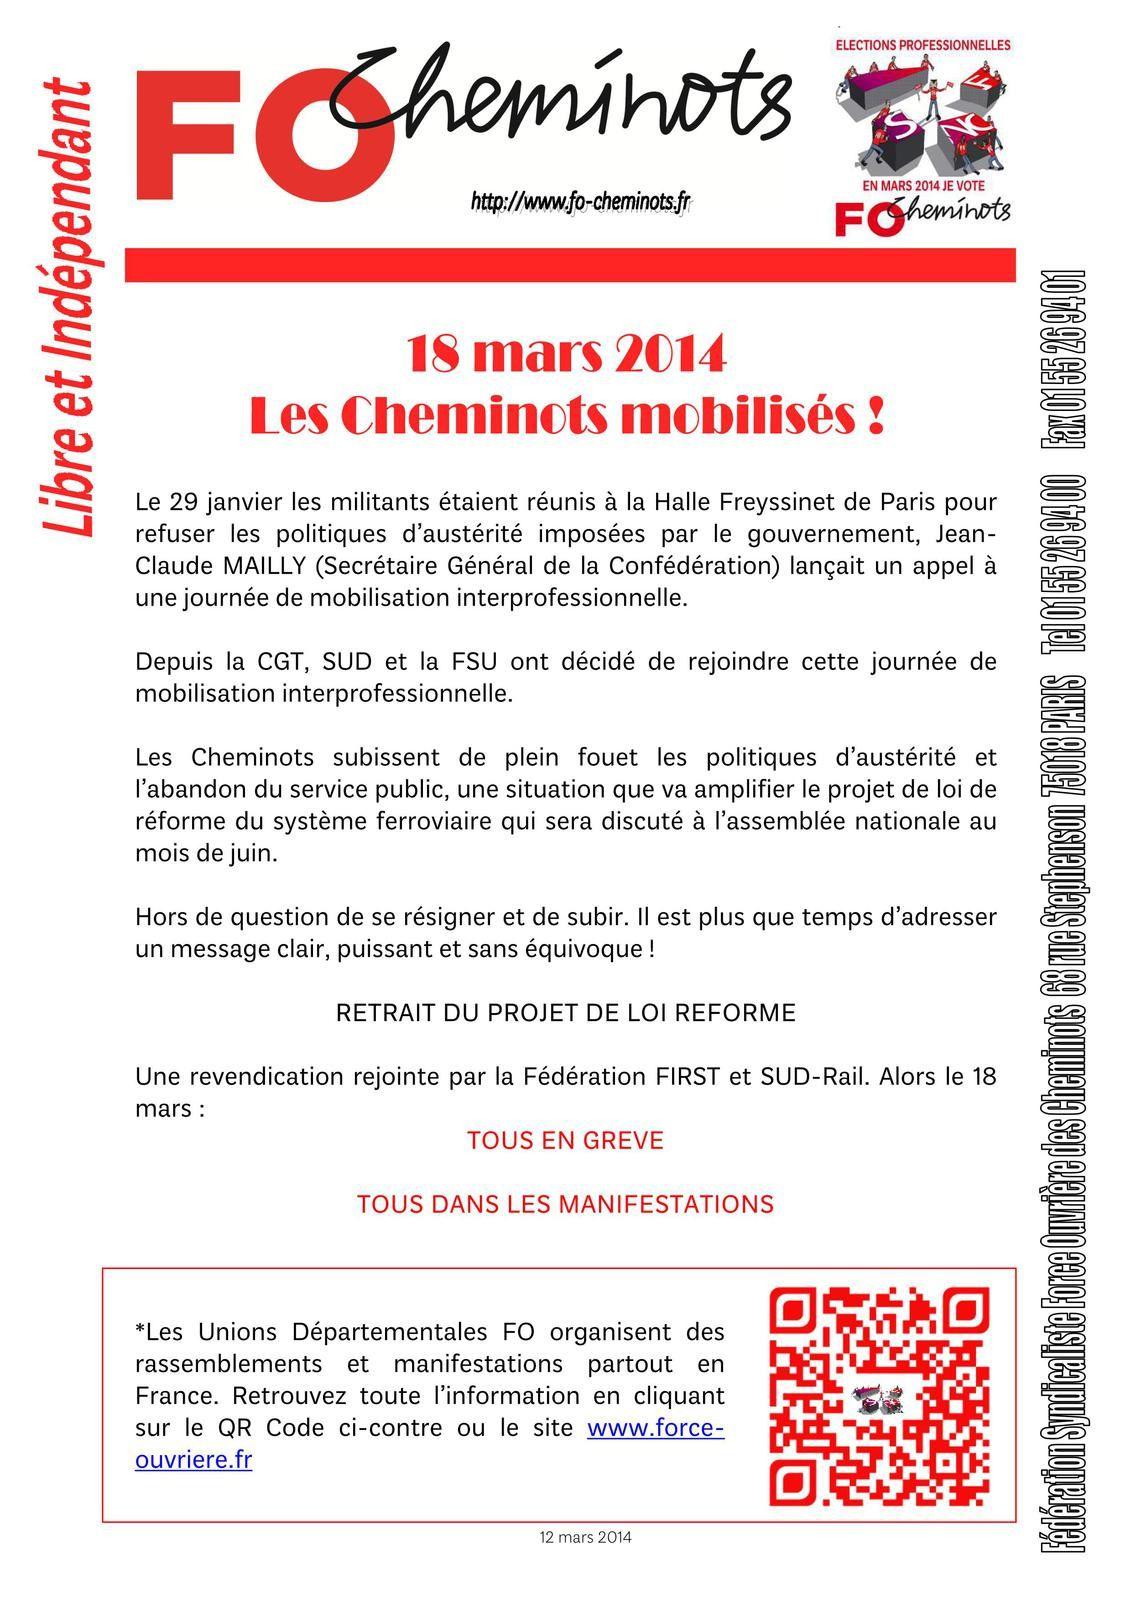 le 18 mars, les Cheminots MOBILISES! 13 03 2014